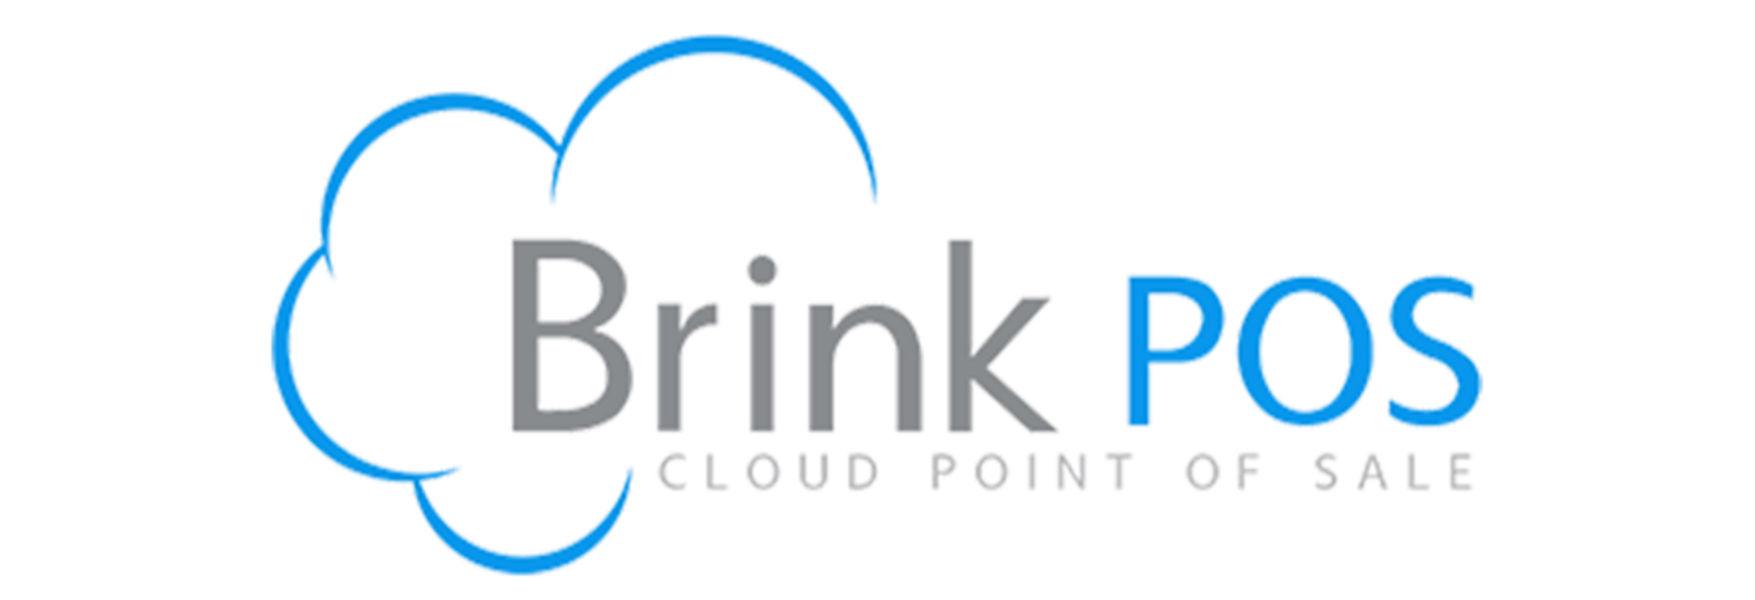 brink pos logo